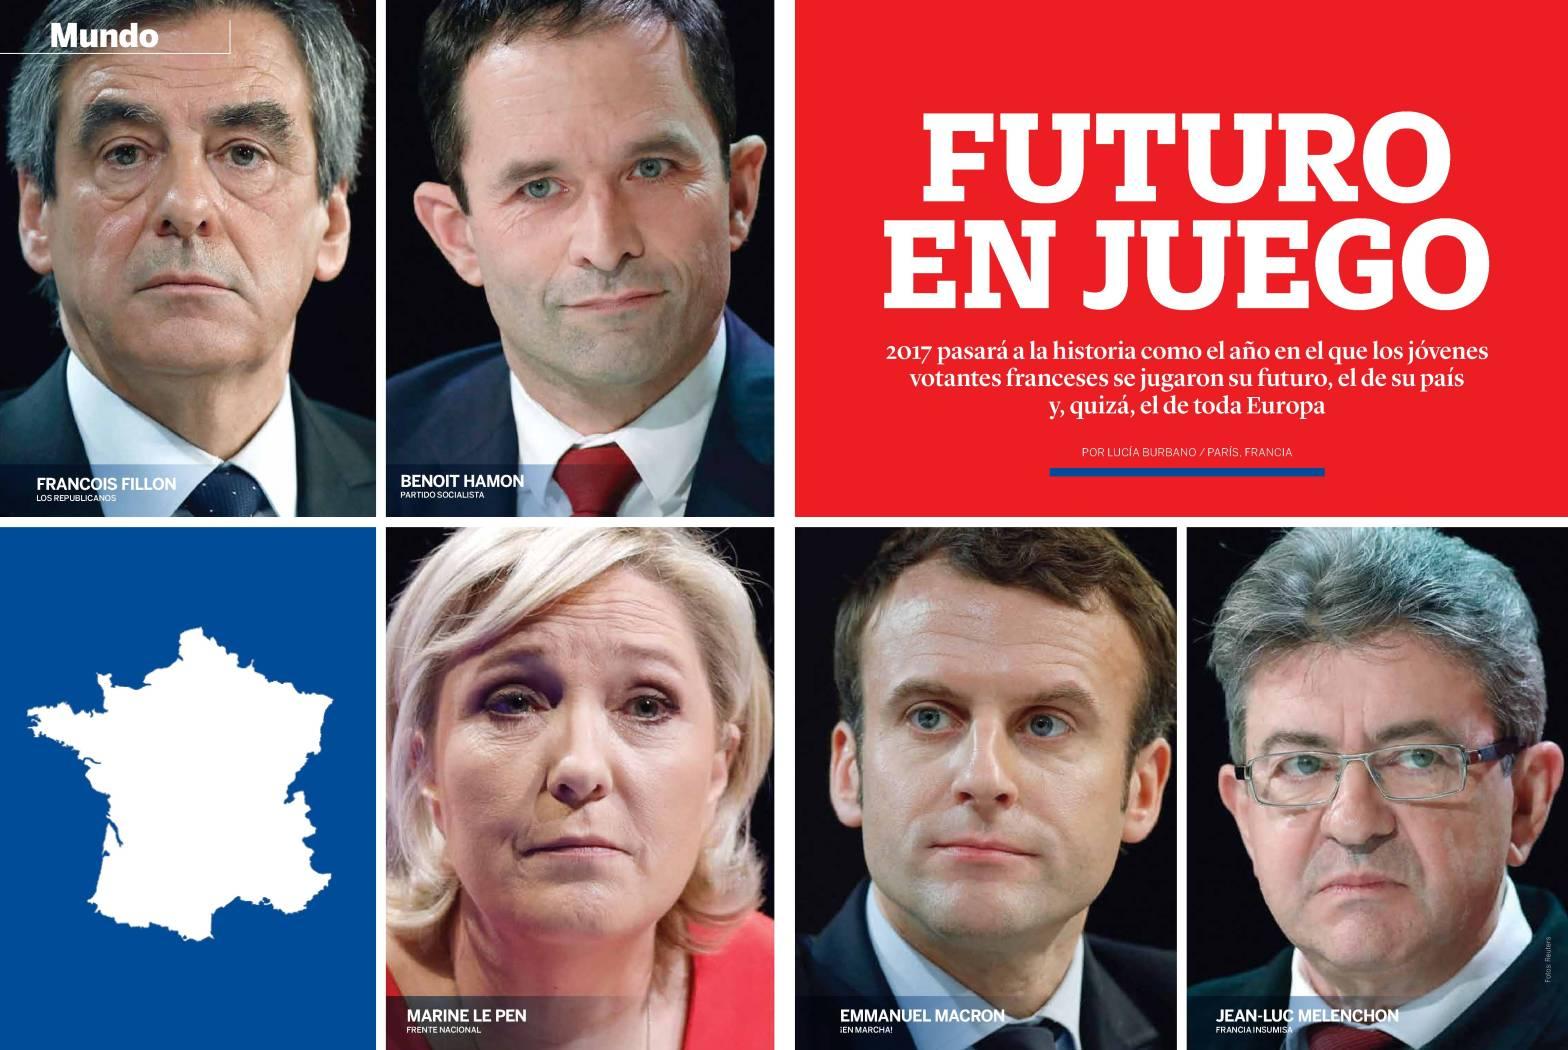 elecciones generales Francia 2017